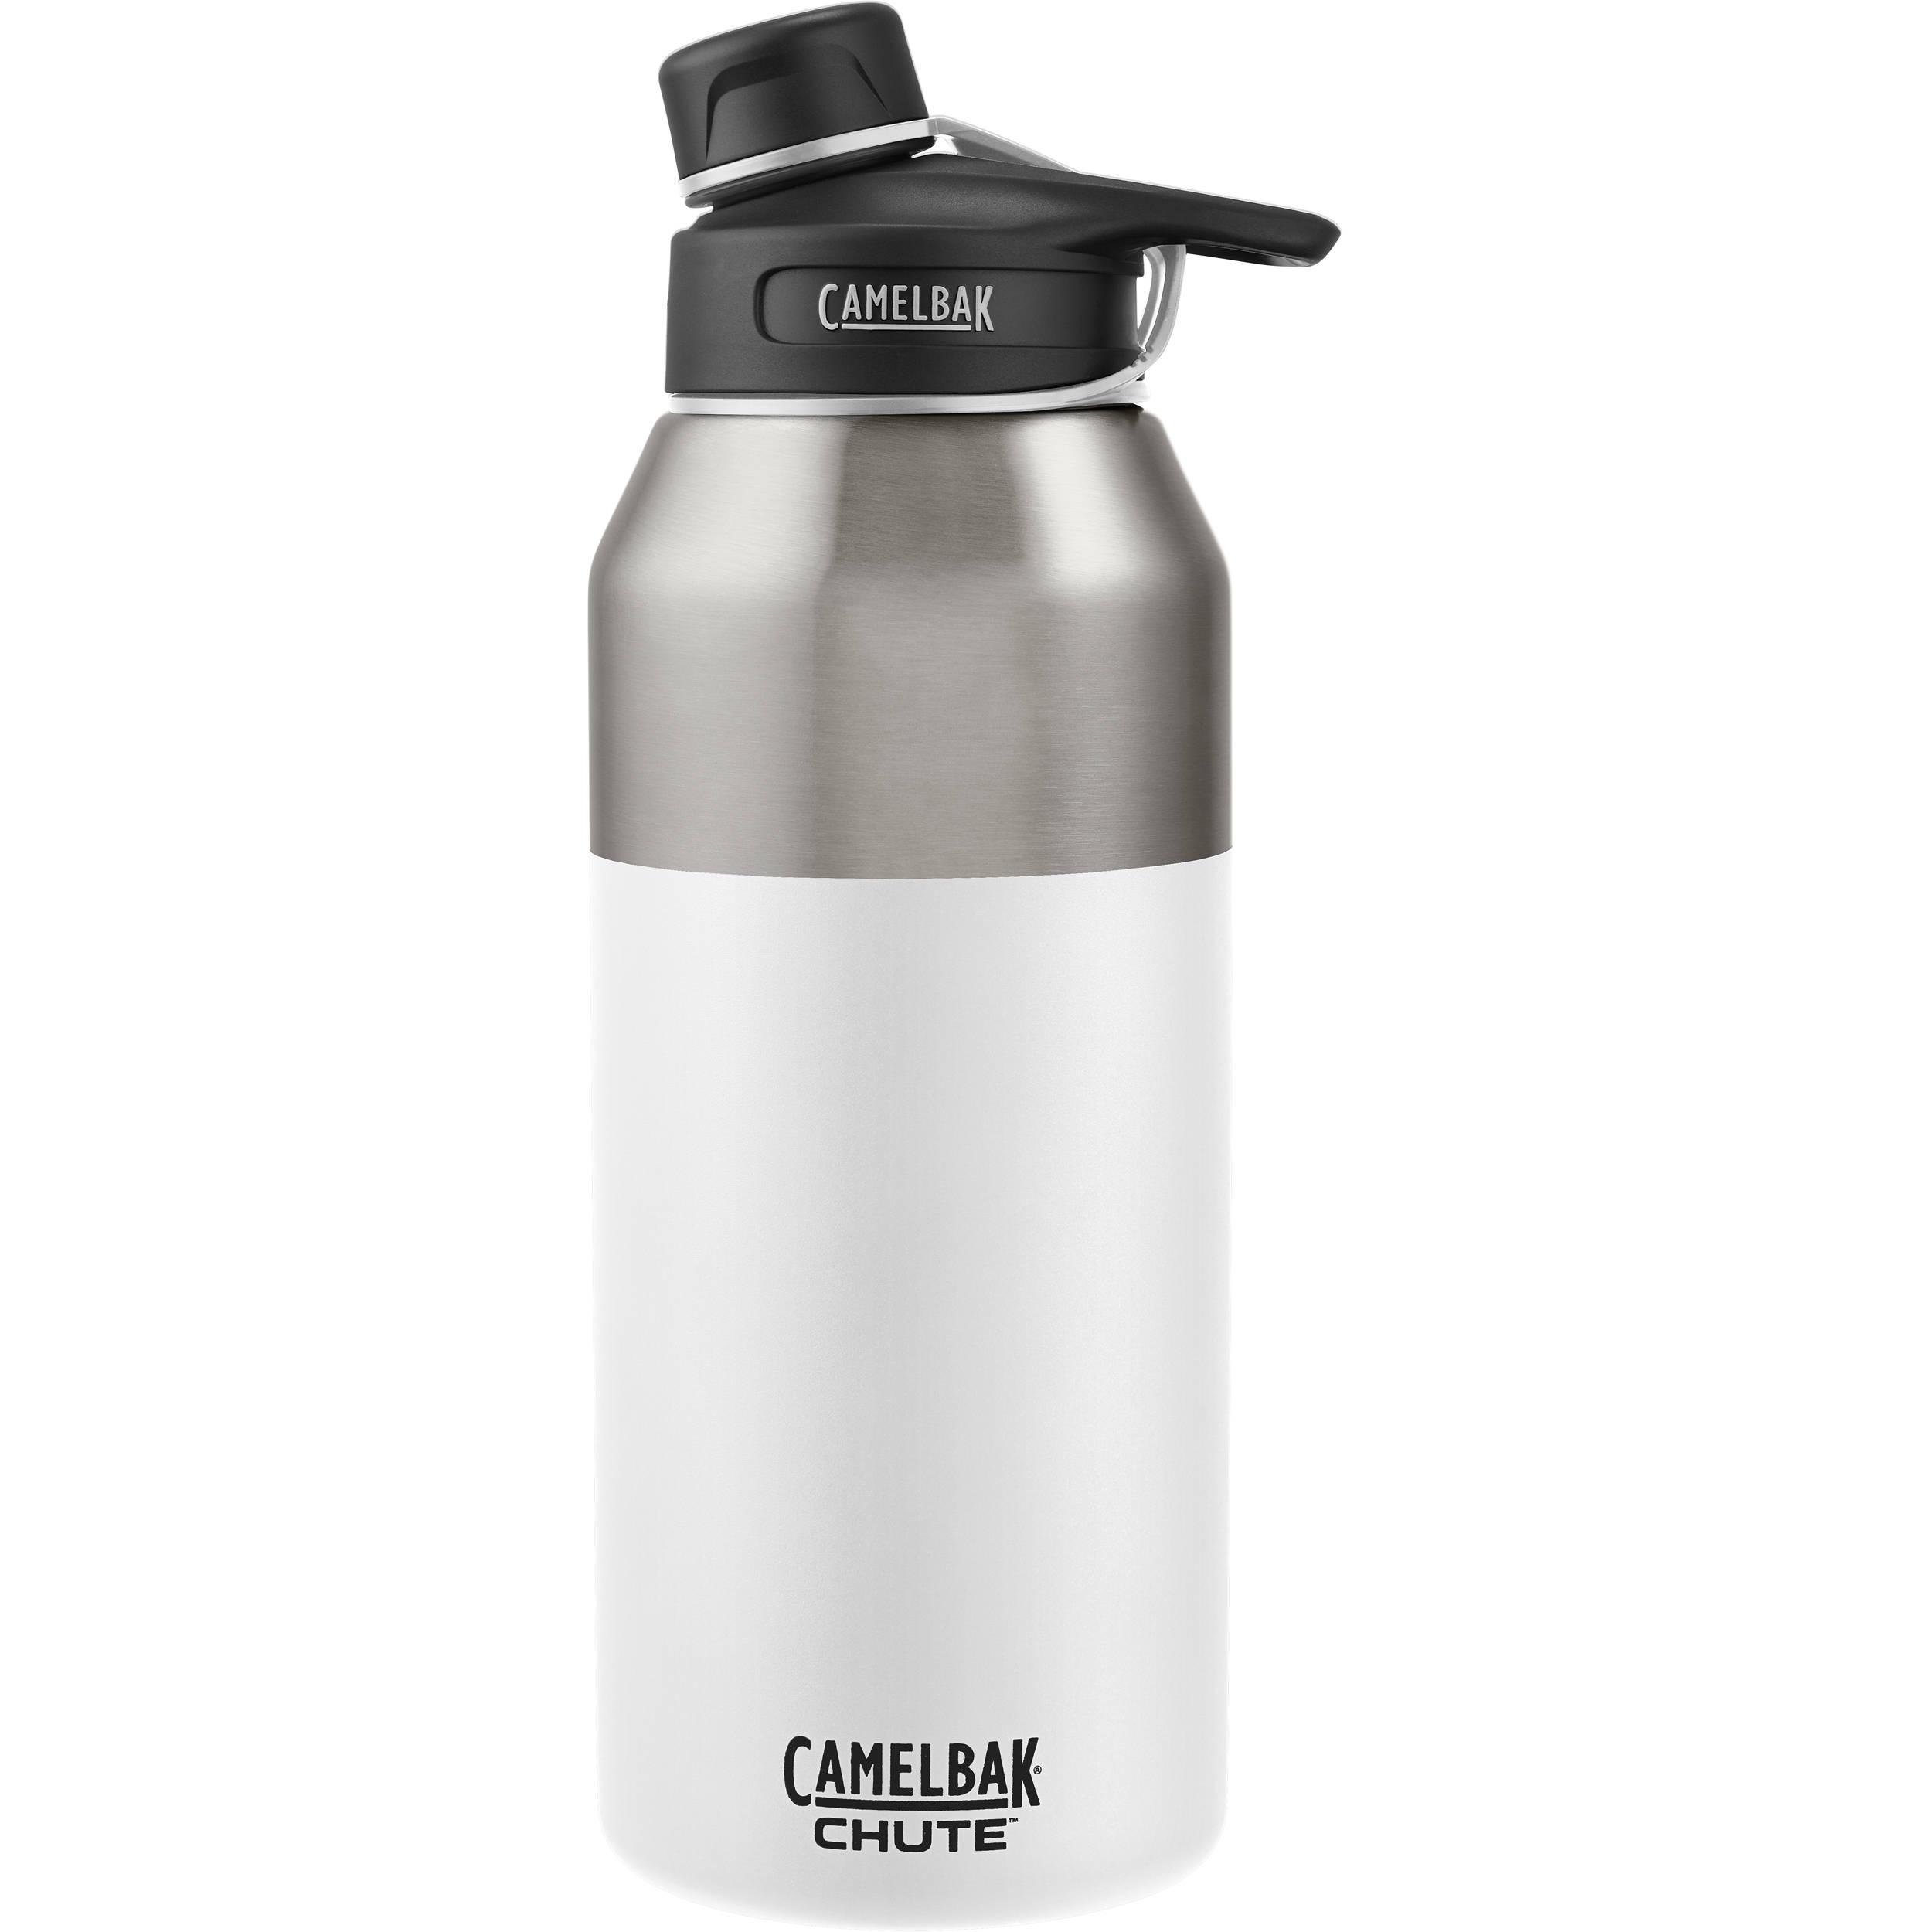 CAMELBAK Chute Vacuum Insulated Stainless Water 1288101012 B&H